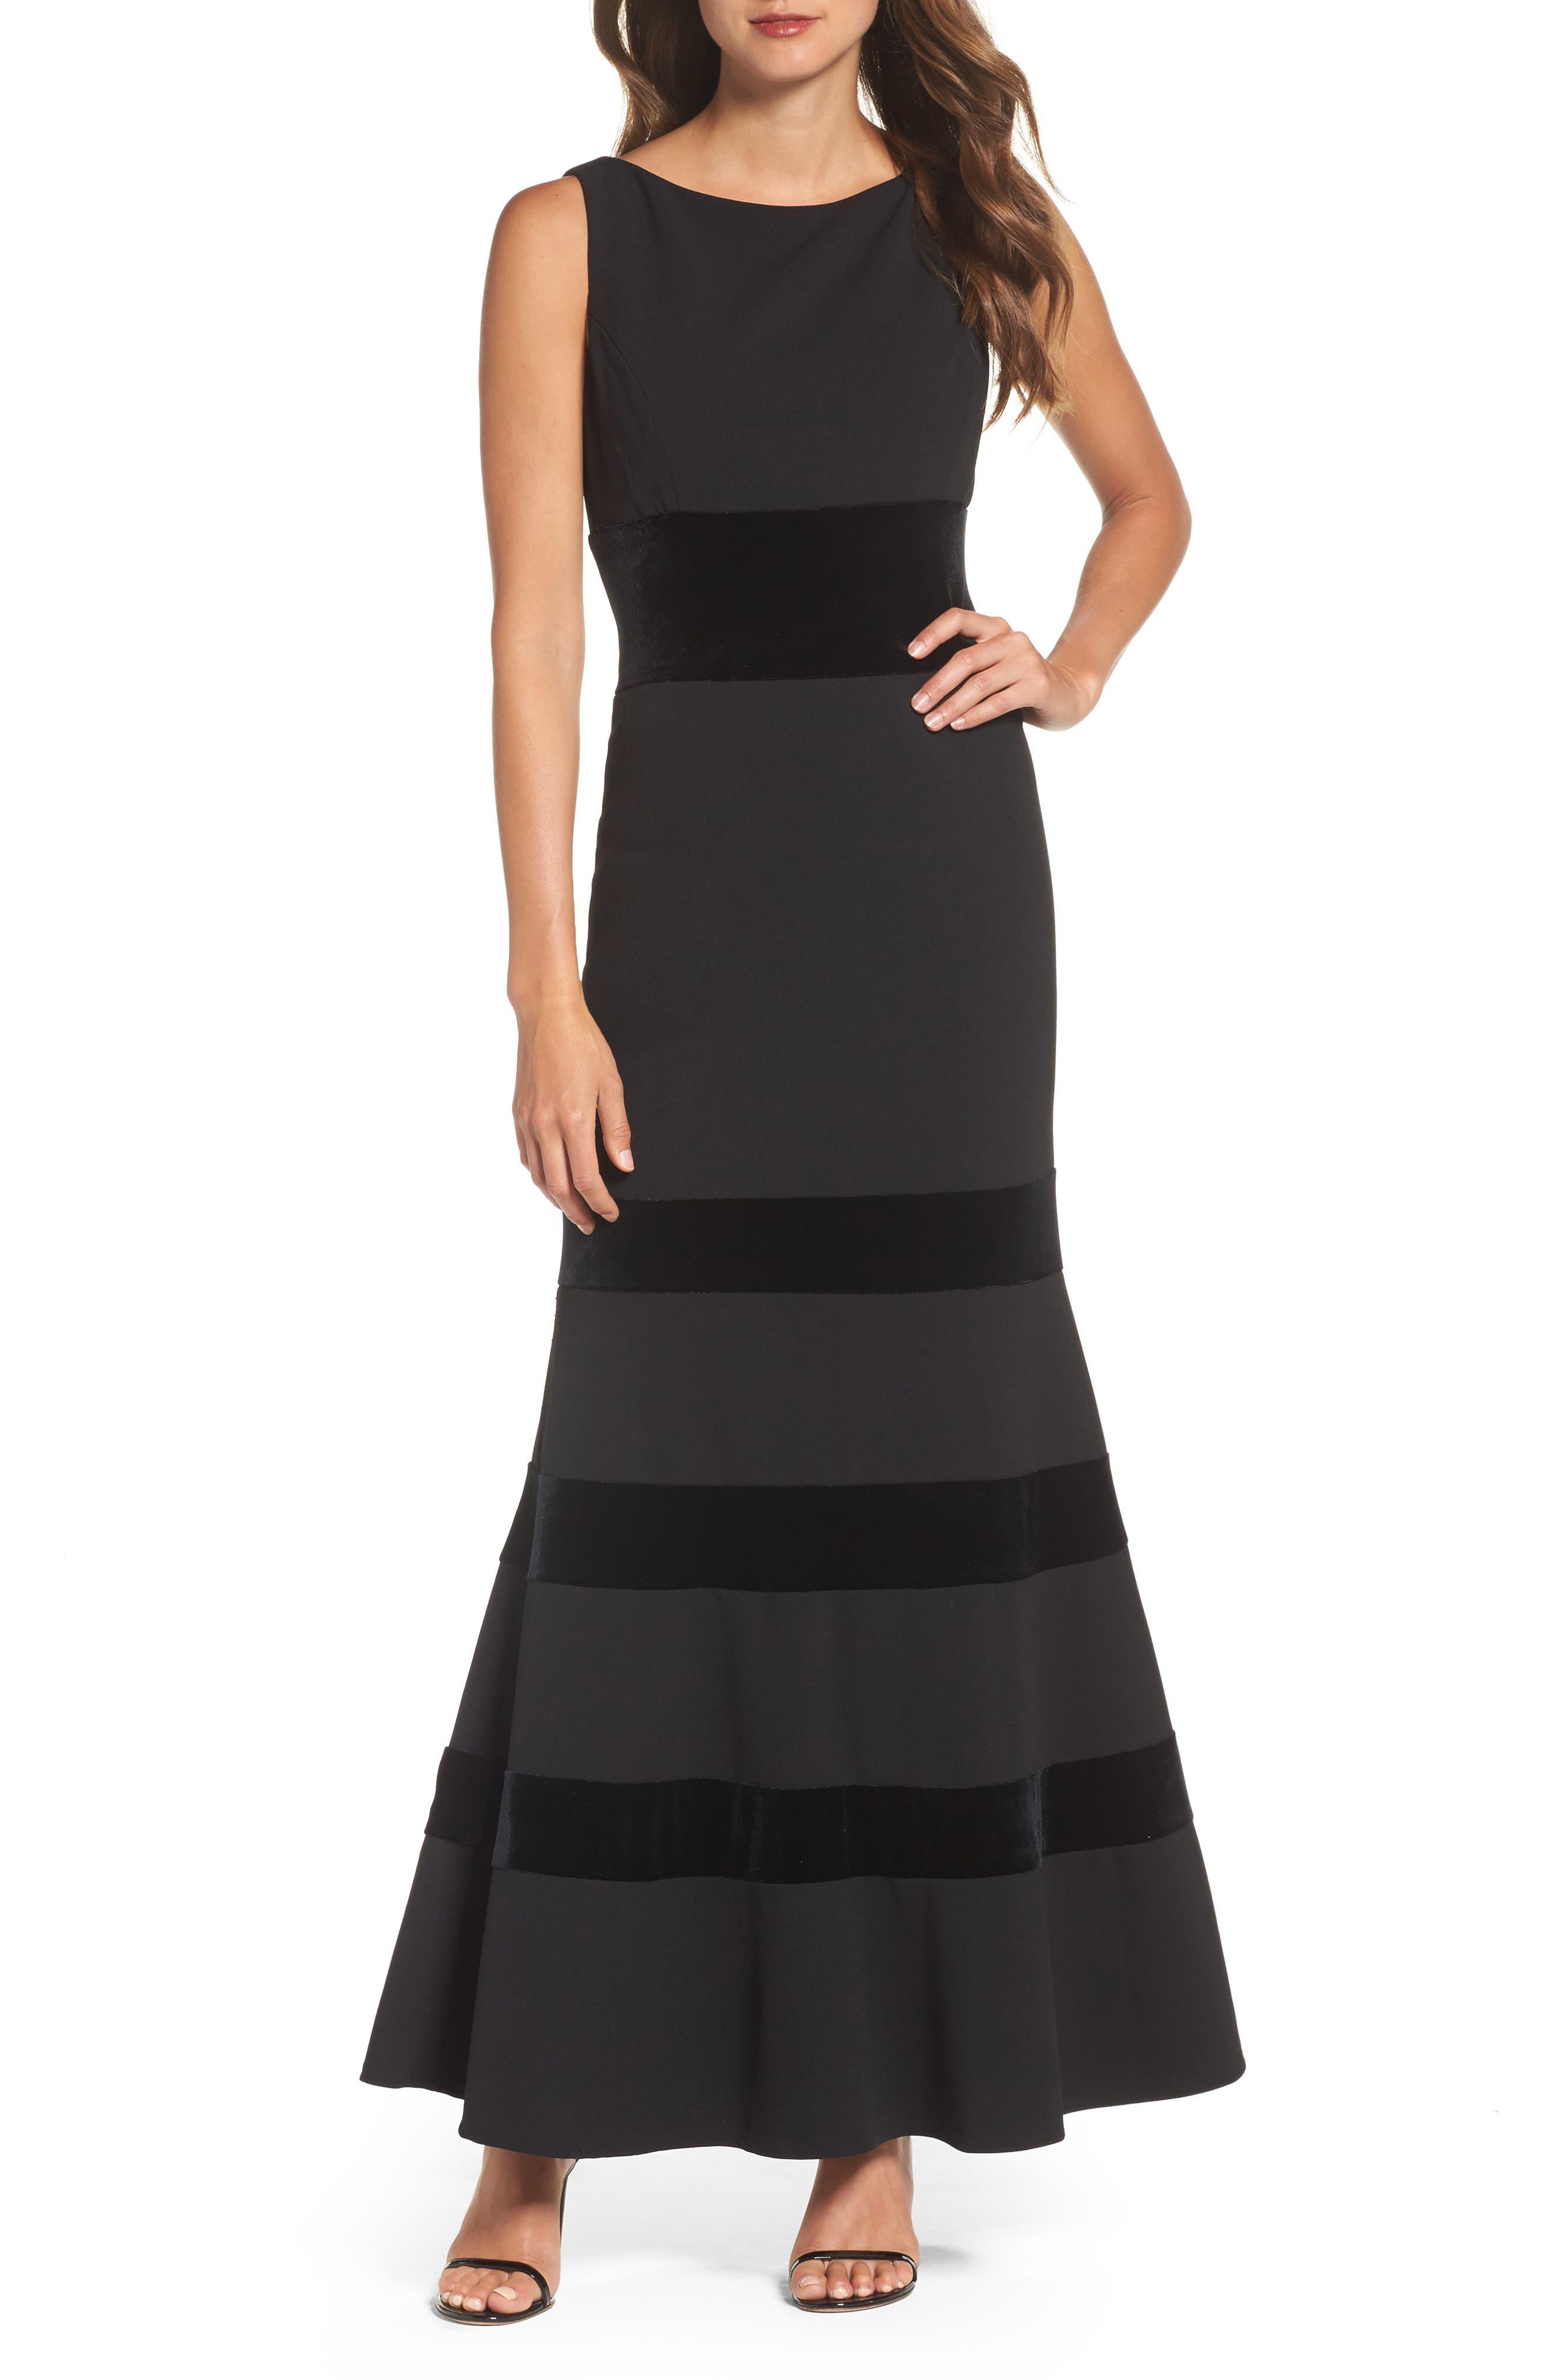 Unique Dressy Dresses